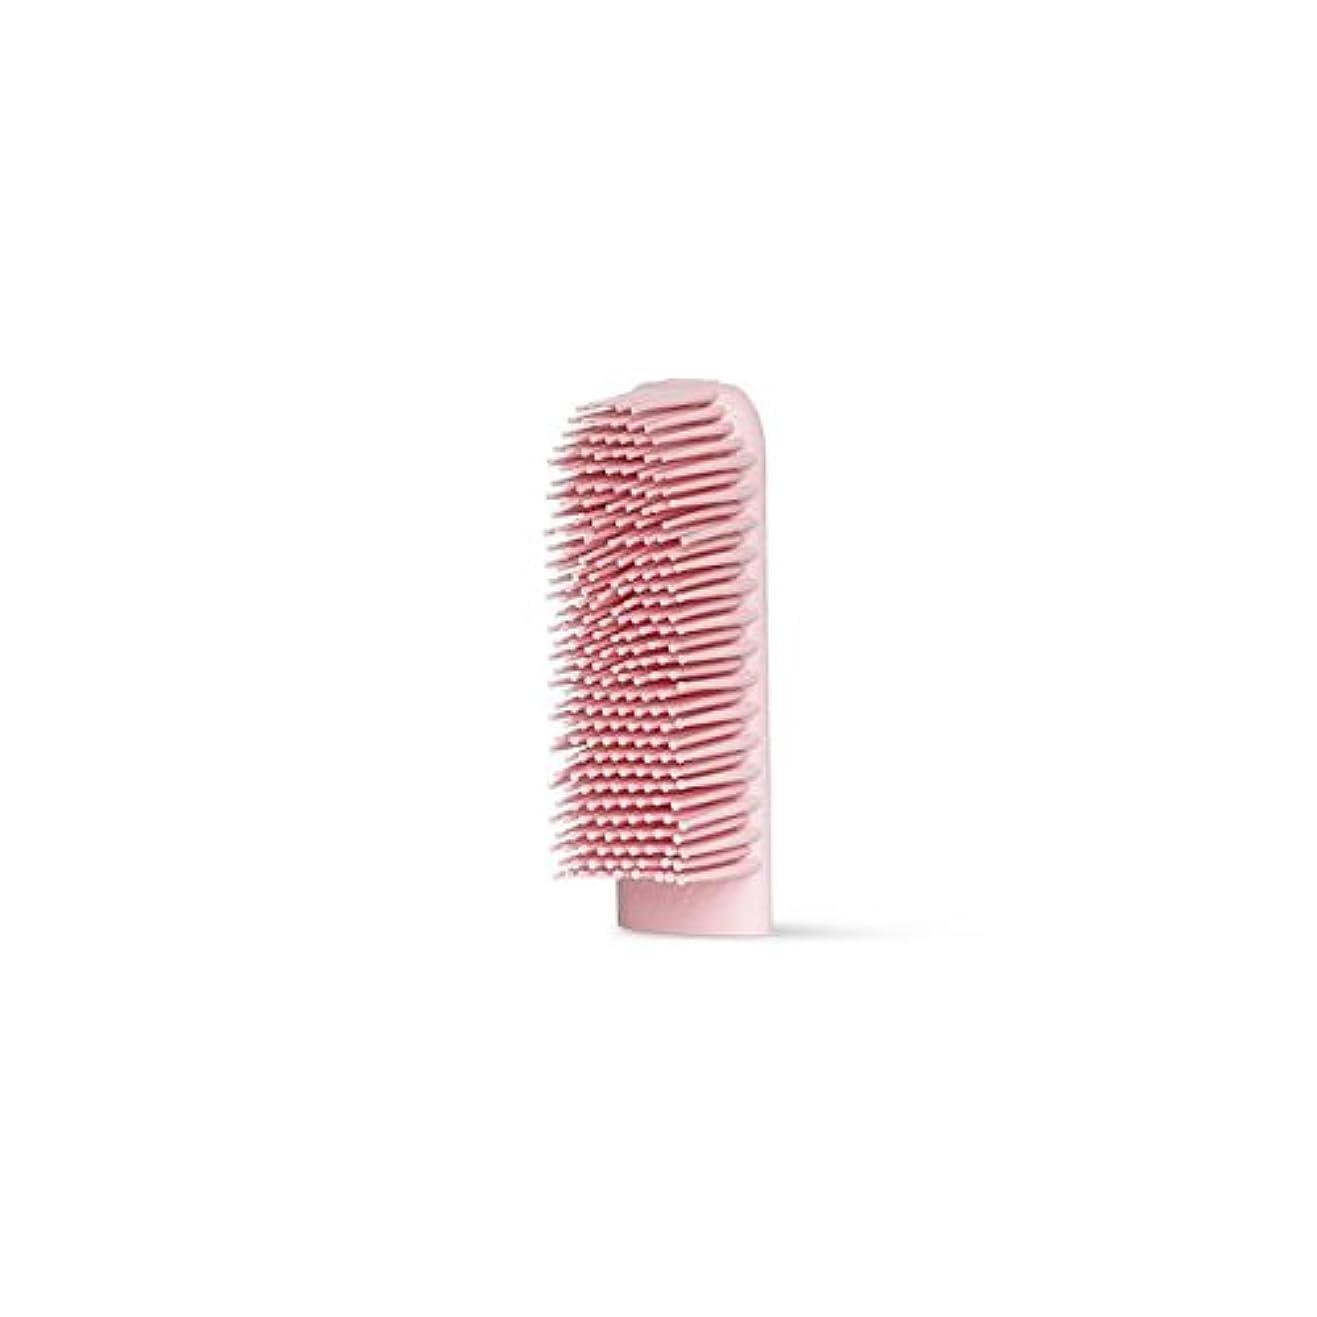 植物学者座る検出するBOIE USA シリコン歯ブラシ (交換用ブラシヘッド ピンク)